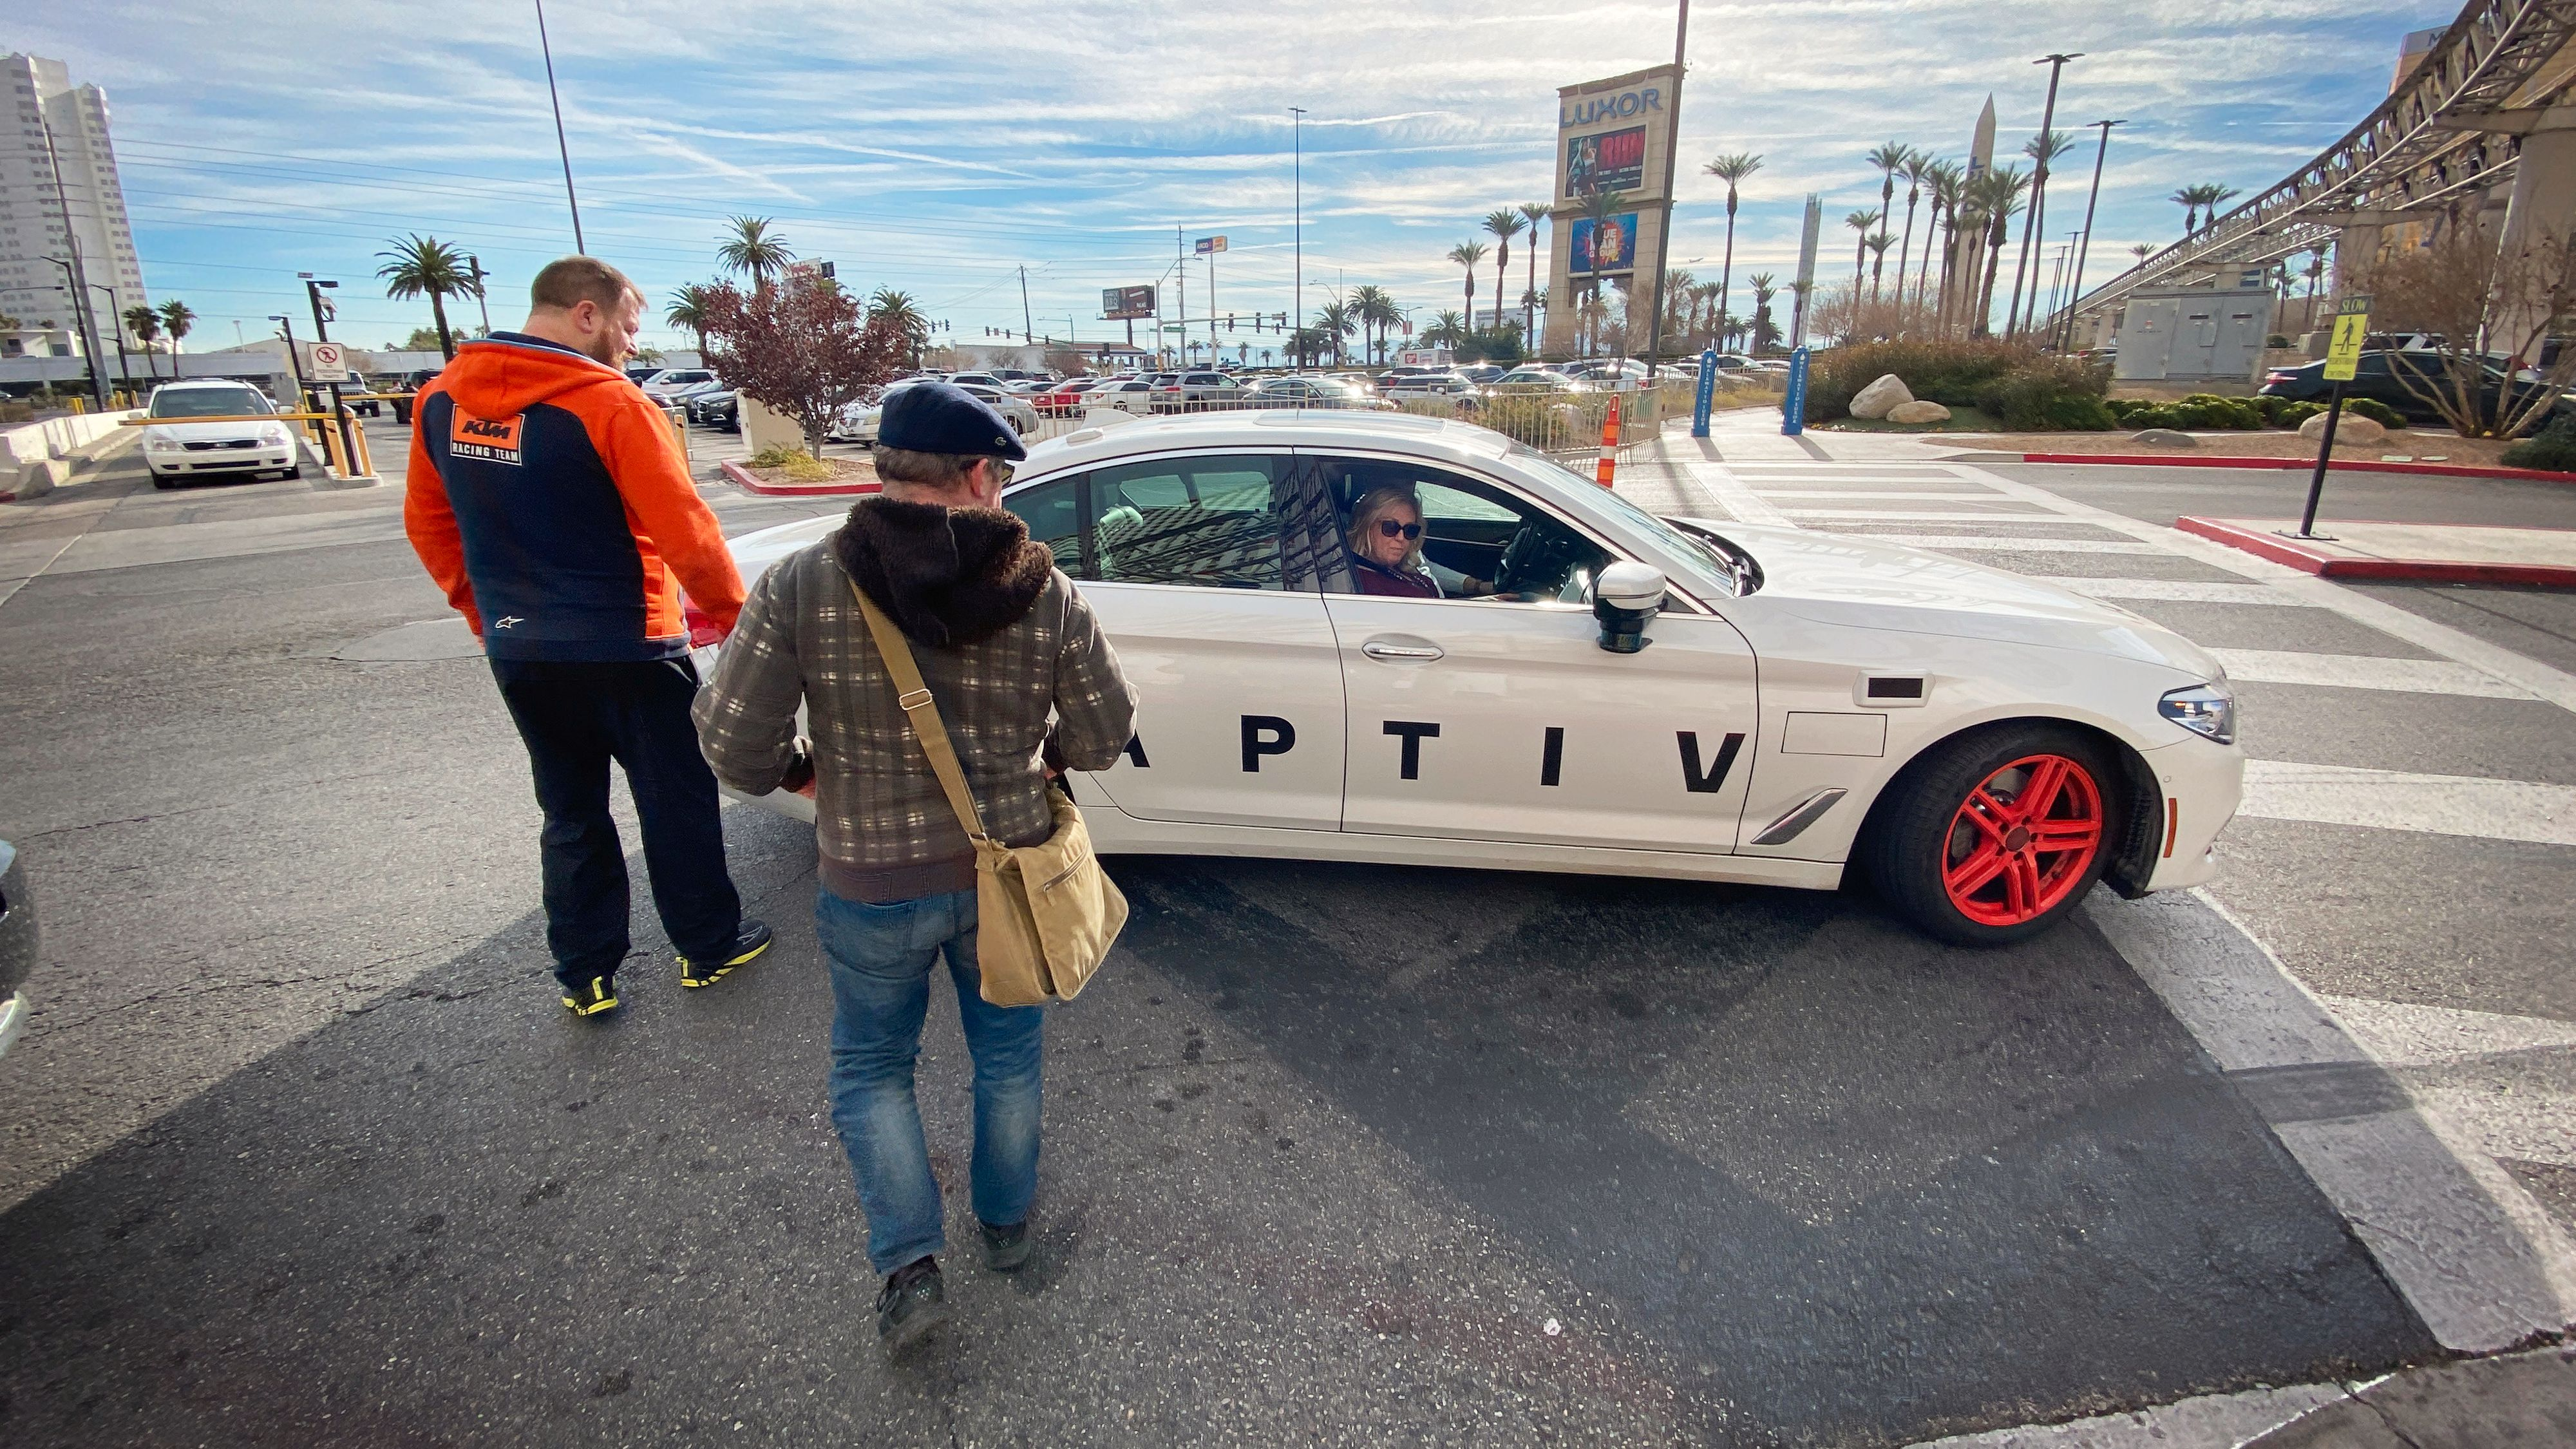 Bare et par minutter etter bestilling i Lyft-appen dukker den selvkjørende BMW-en opp. Det er såvidt plass til de tre utskremte fra Tek i baksetet.